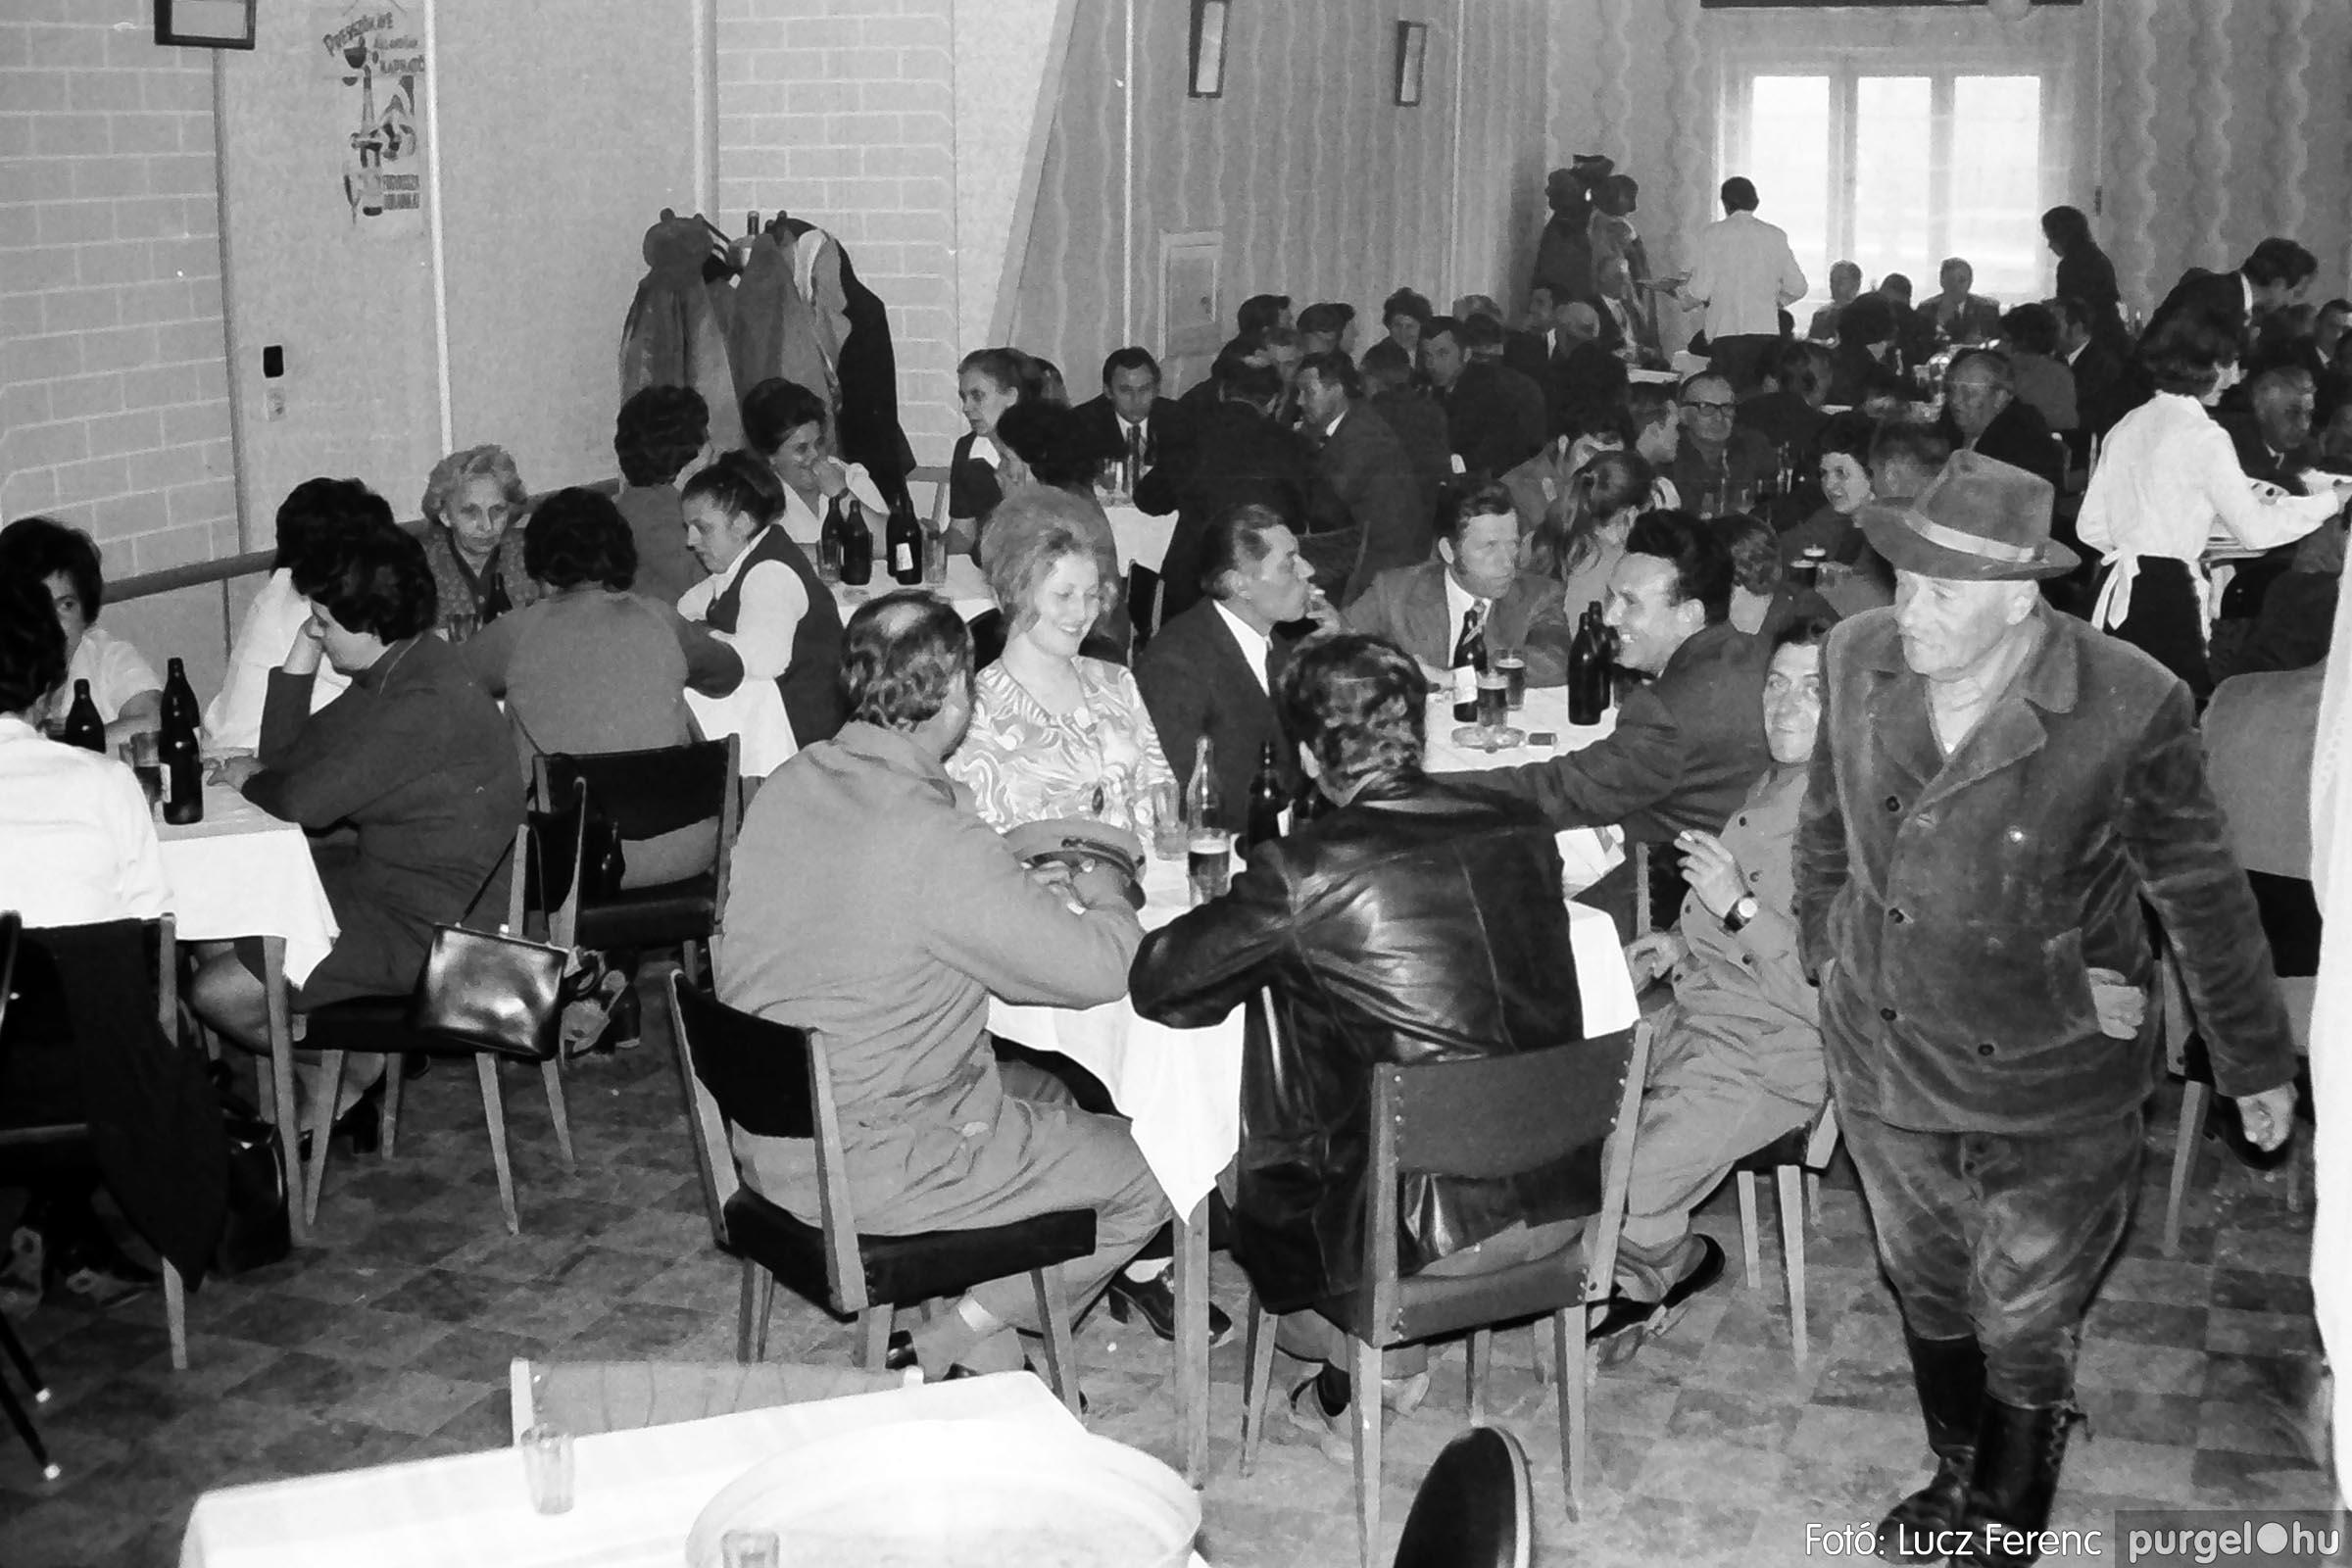 009 1975.04.04. Április 4-i ünnepség utáni fogadás a vendéglőben 003 - Fotó: Lucz Ferenc IMG00174q.jpg